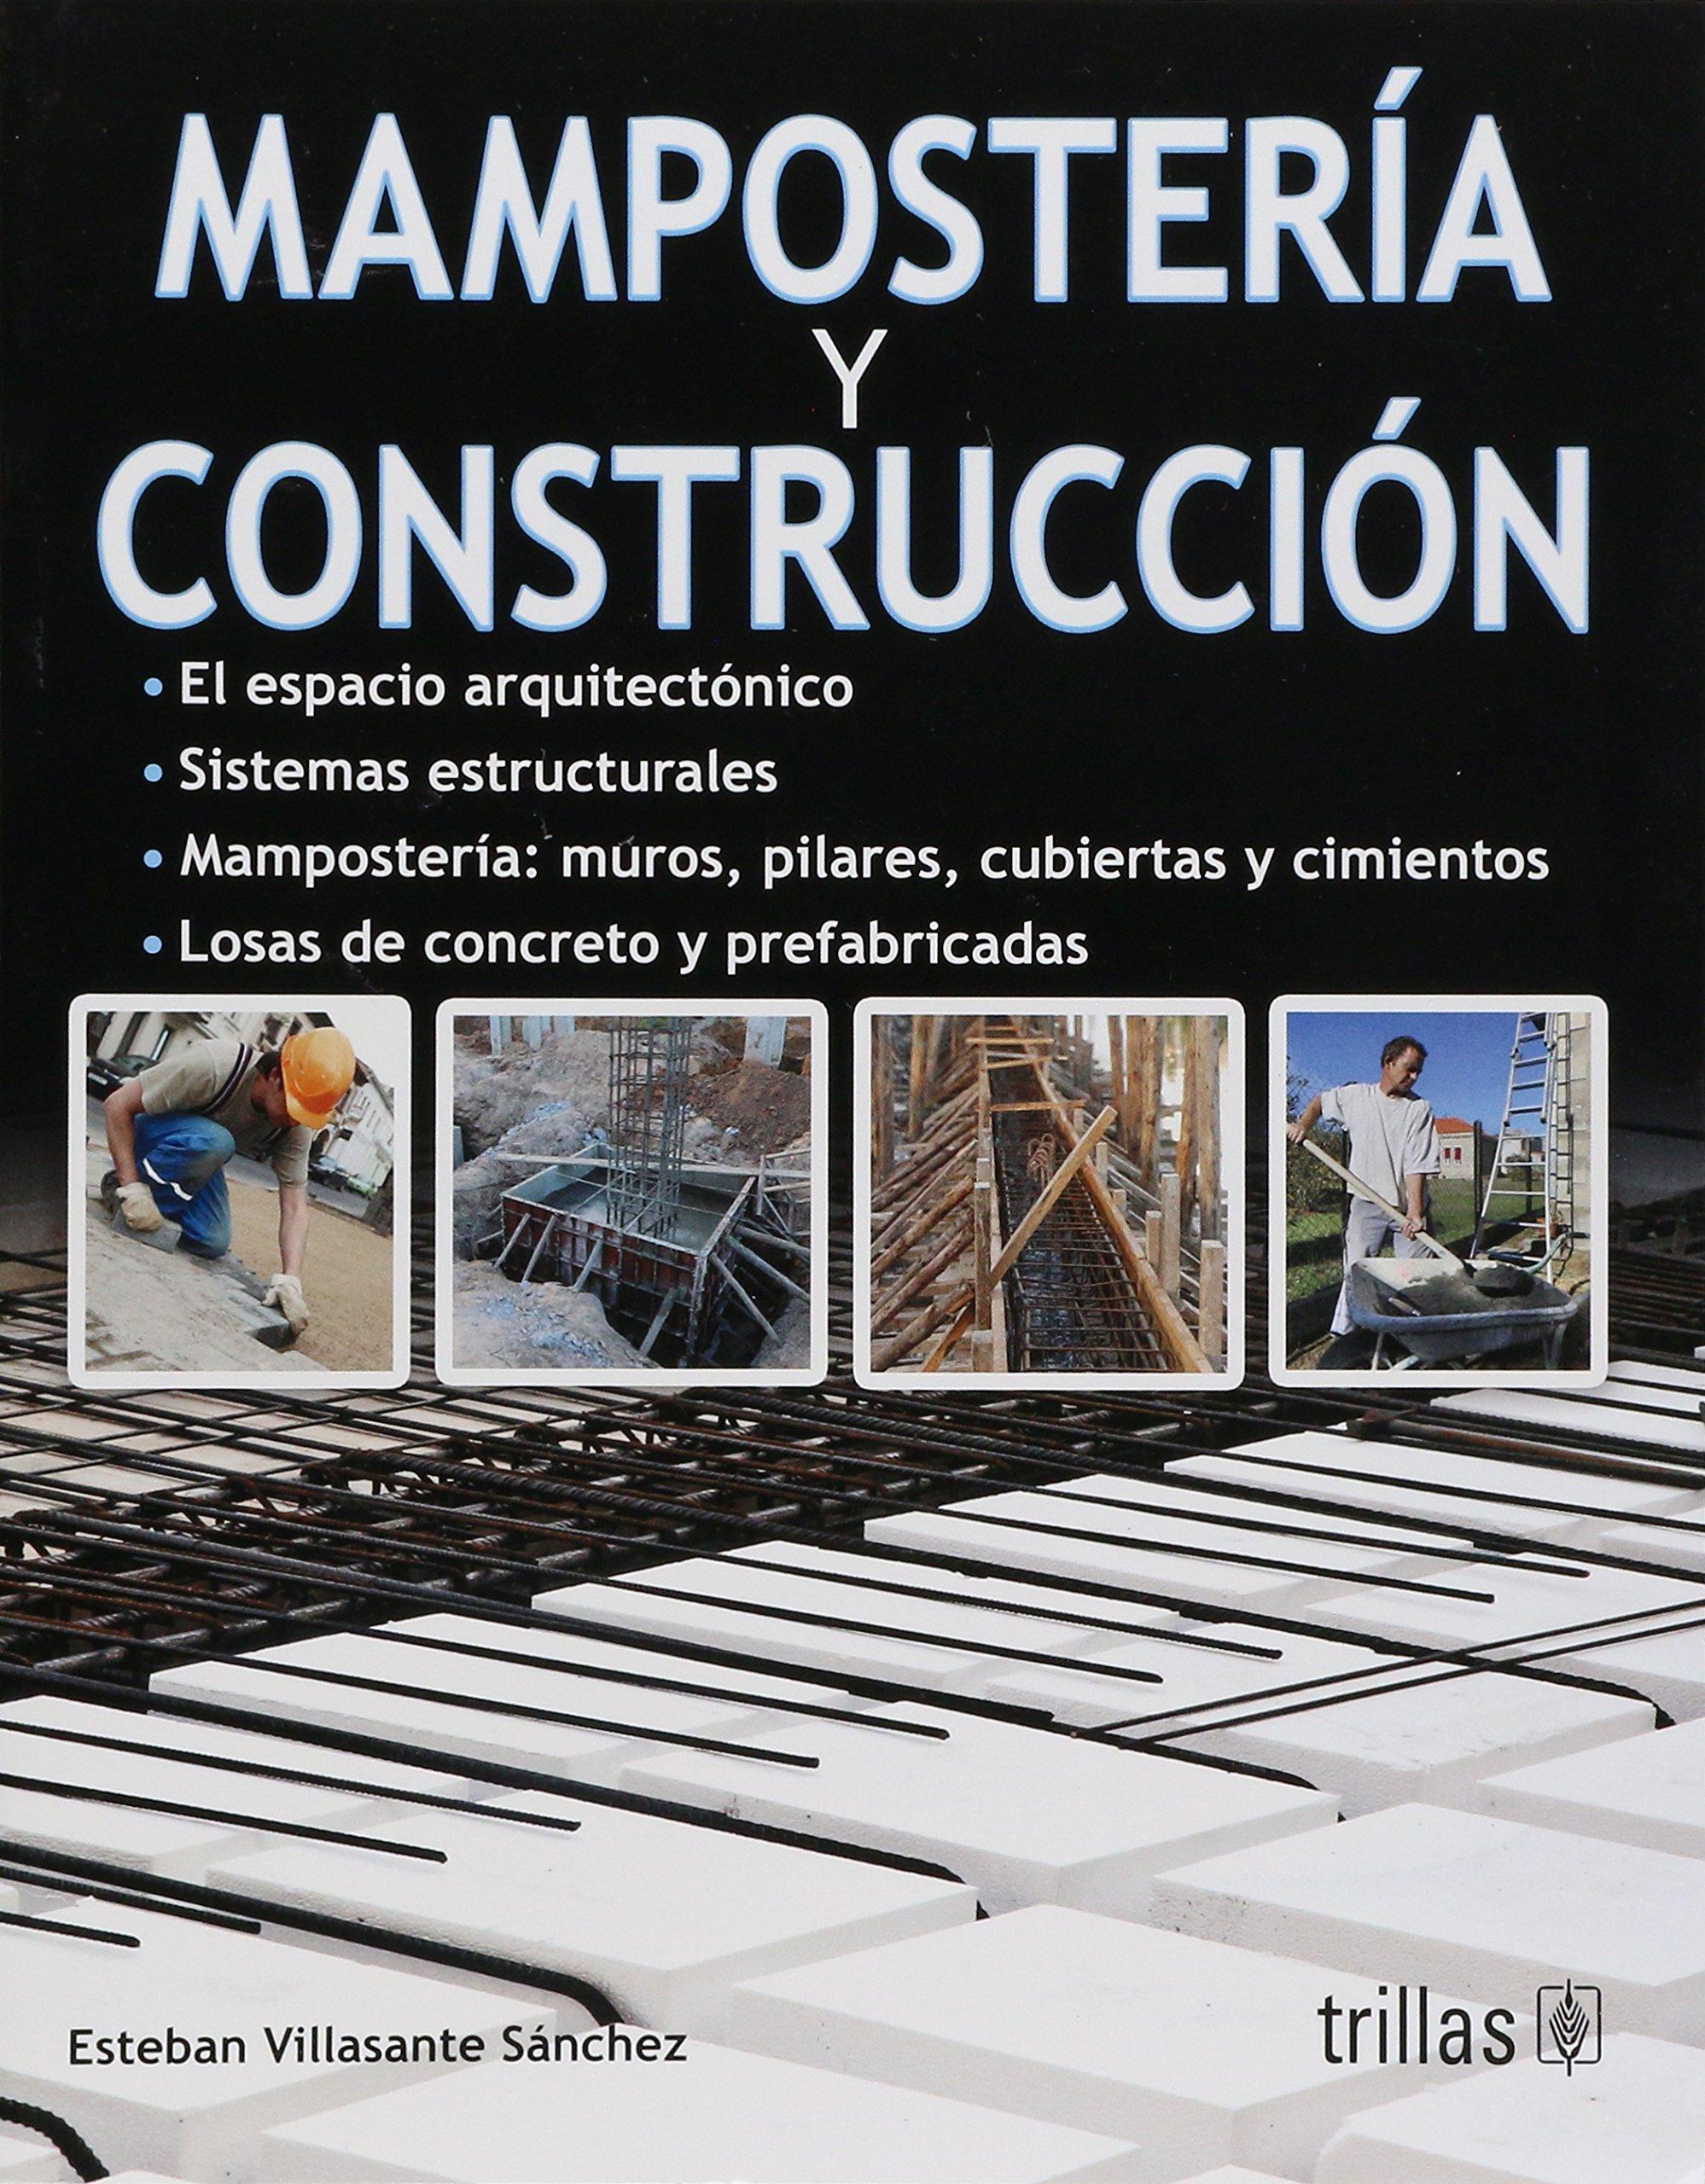 Download Mamposteria Y Construccion (Spanish Edition) ebook